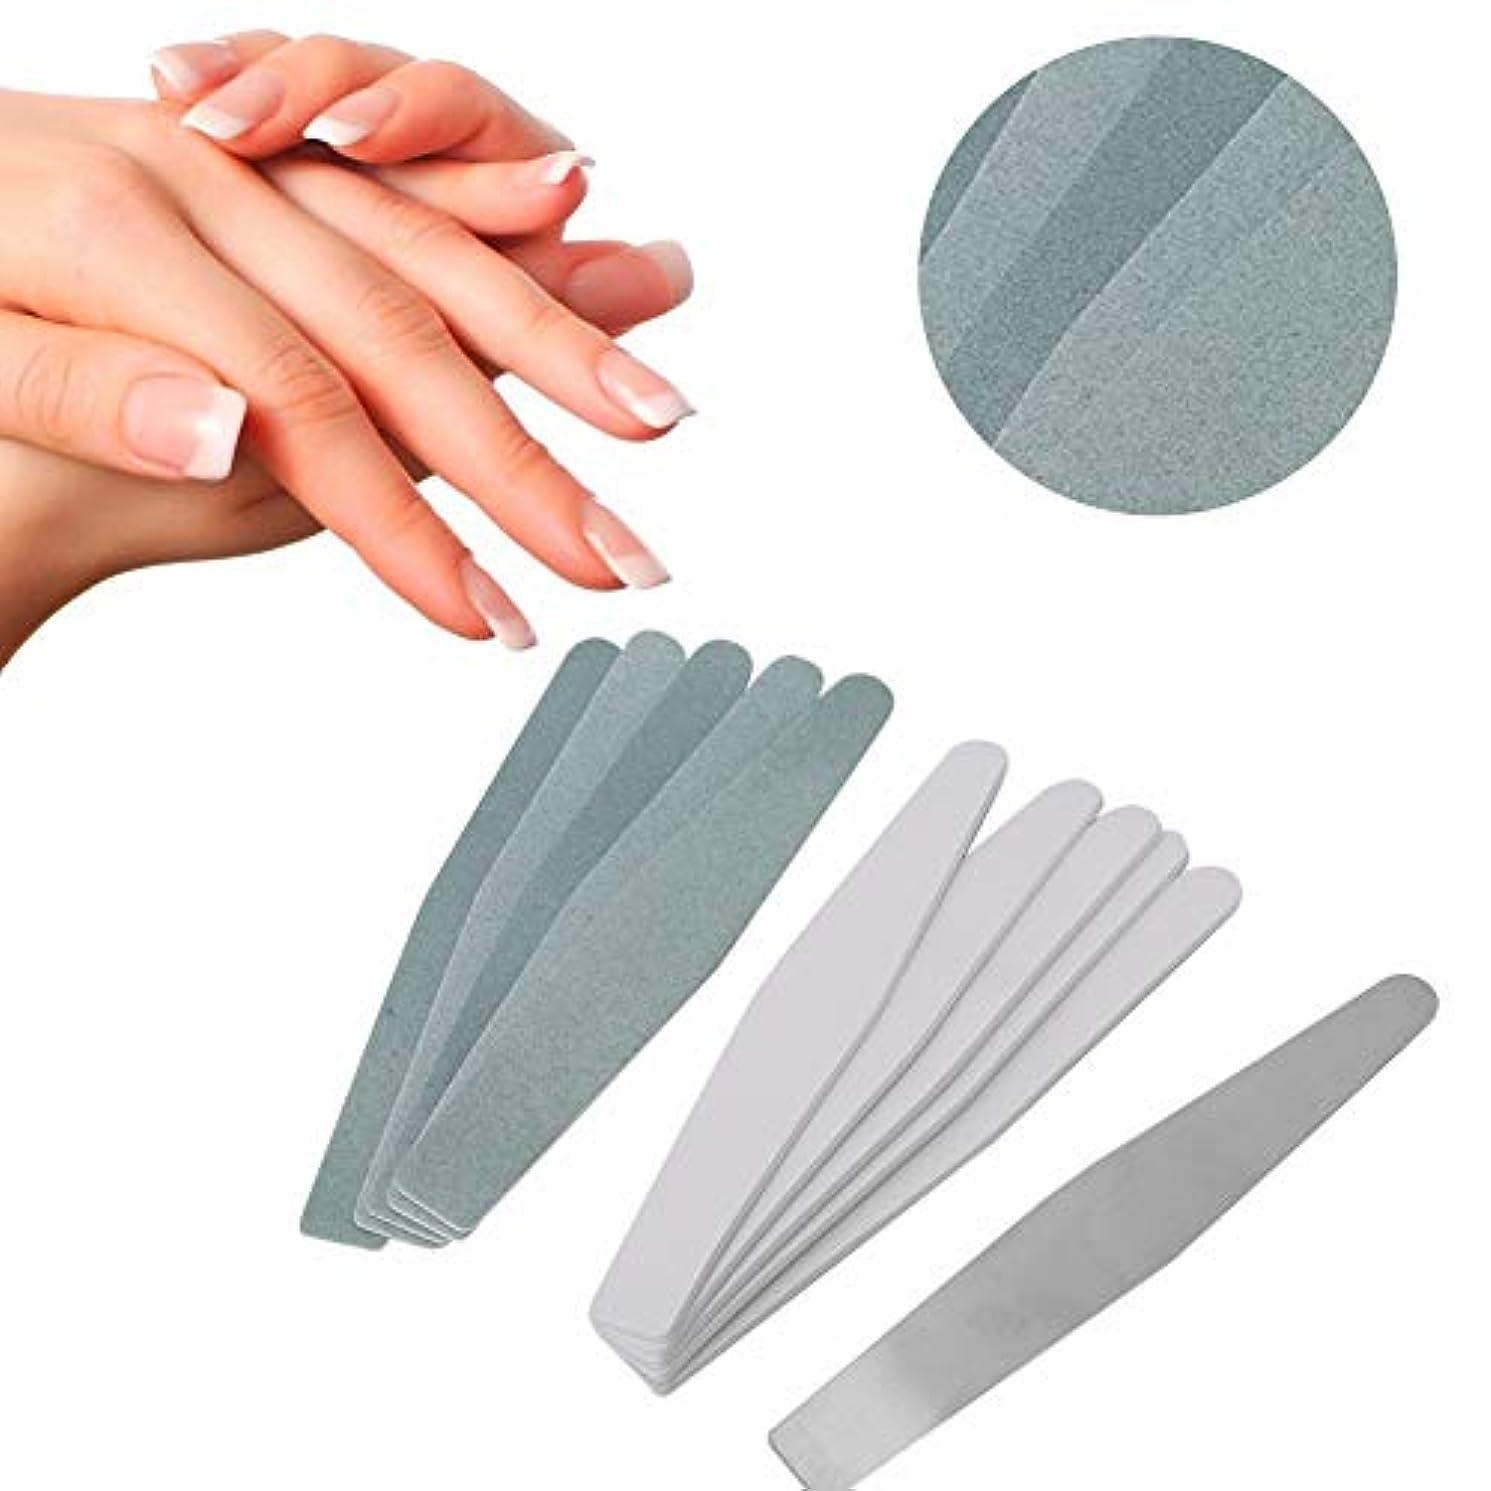 ごちそうゲートウェイ登るネイルアート 緩衝ファイル 磨く釘の芸術のための取り替え可能なステンレス鋼の釘砂棒(01)